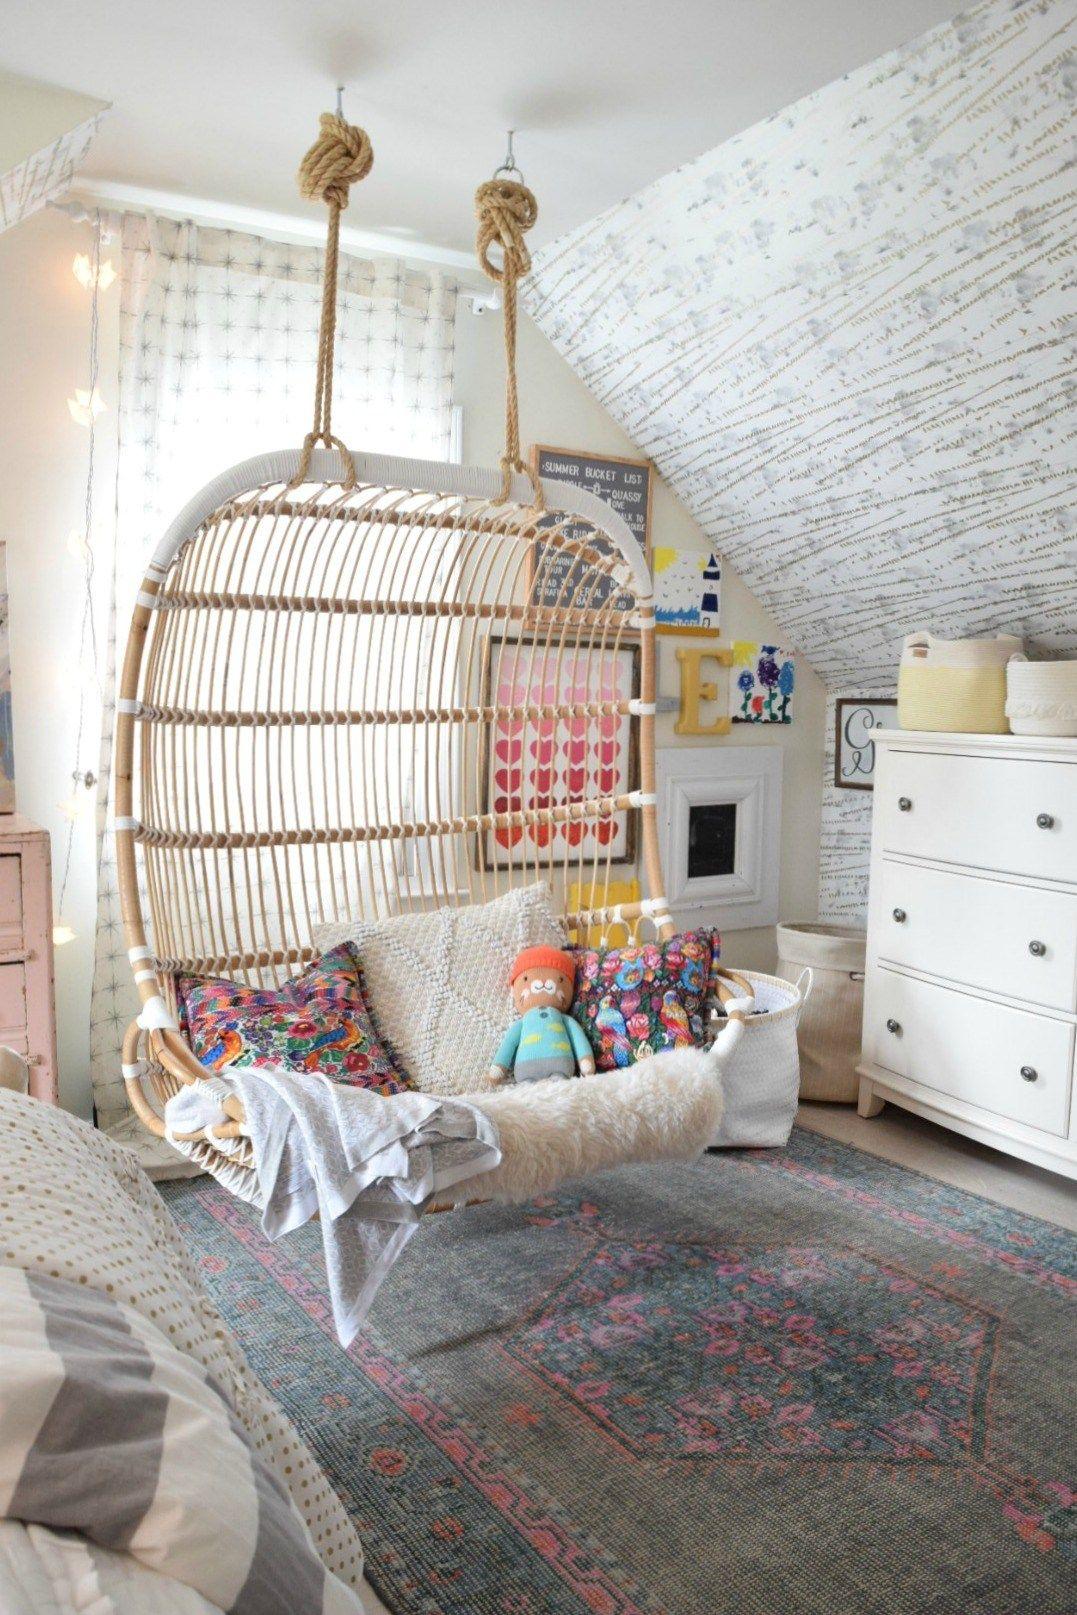 41+ Cute bedroom wallpaper ideas info